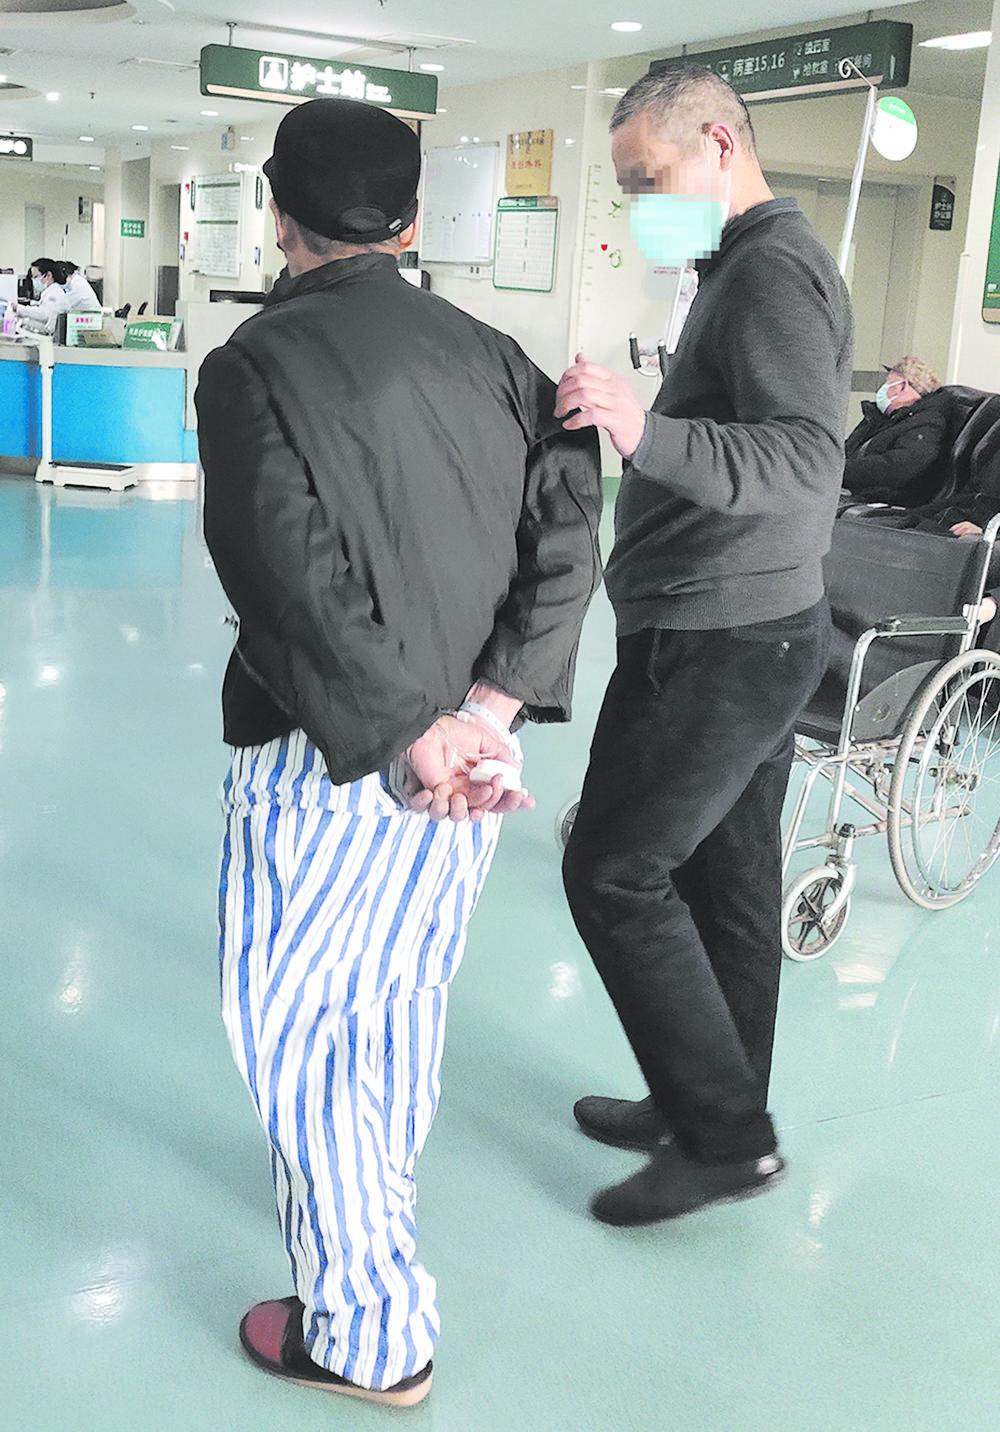 99岁老人被疝气折磨 终于在这里得到治疗